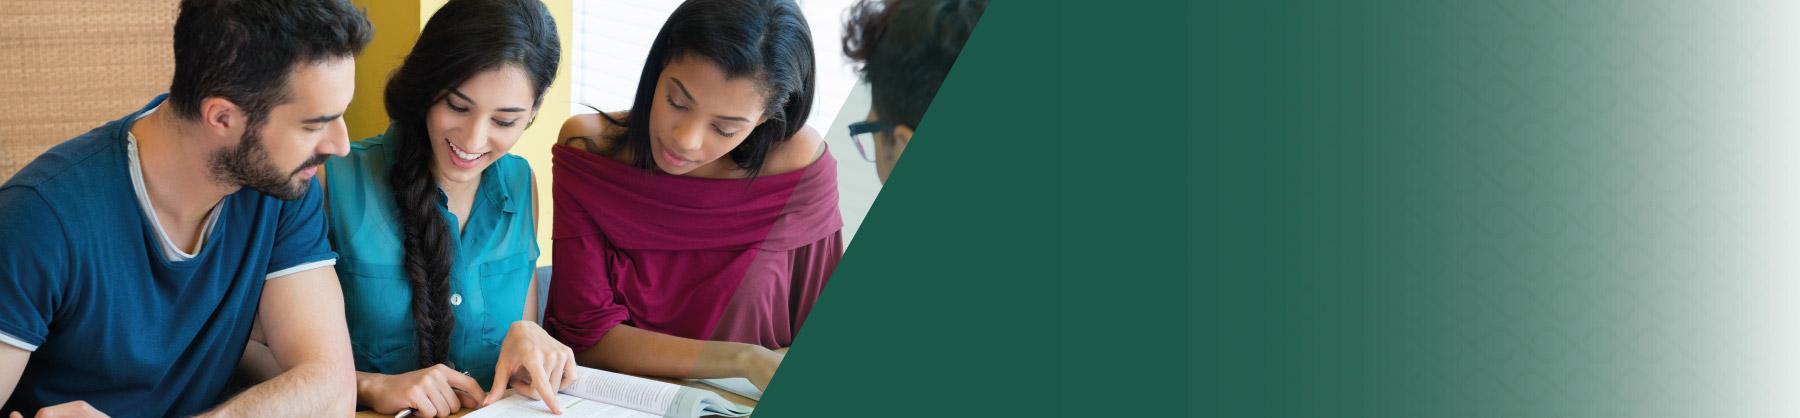 cide_Insuficiente_solo_preparar_estudiantes_para_mercado_laboral